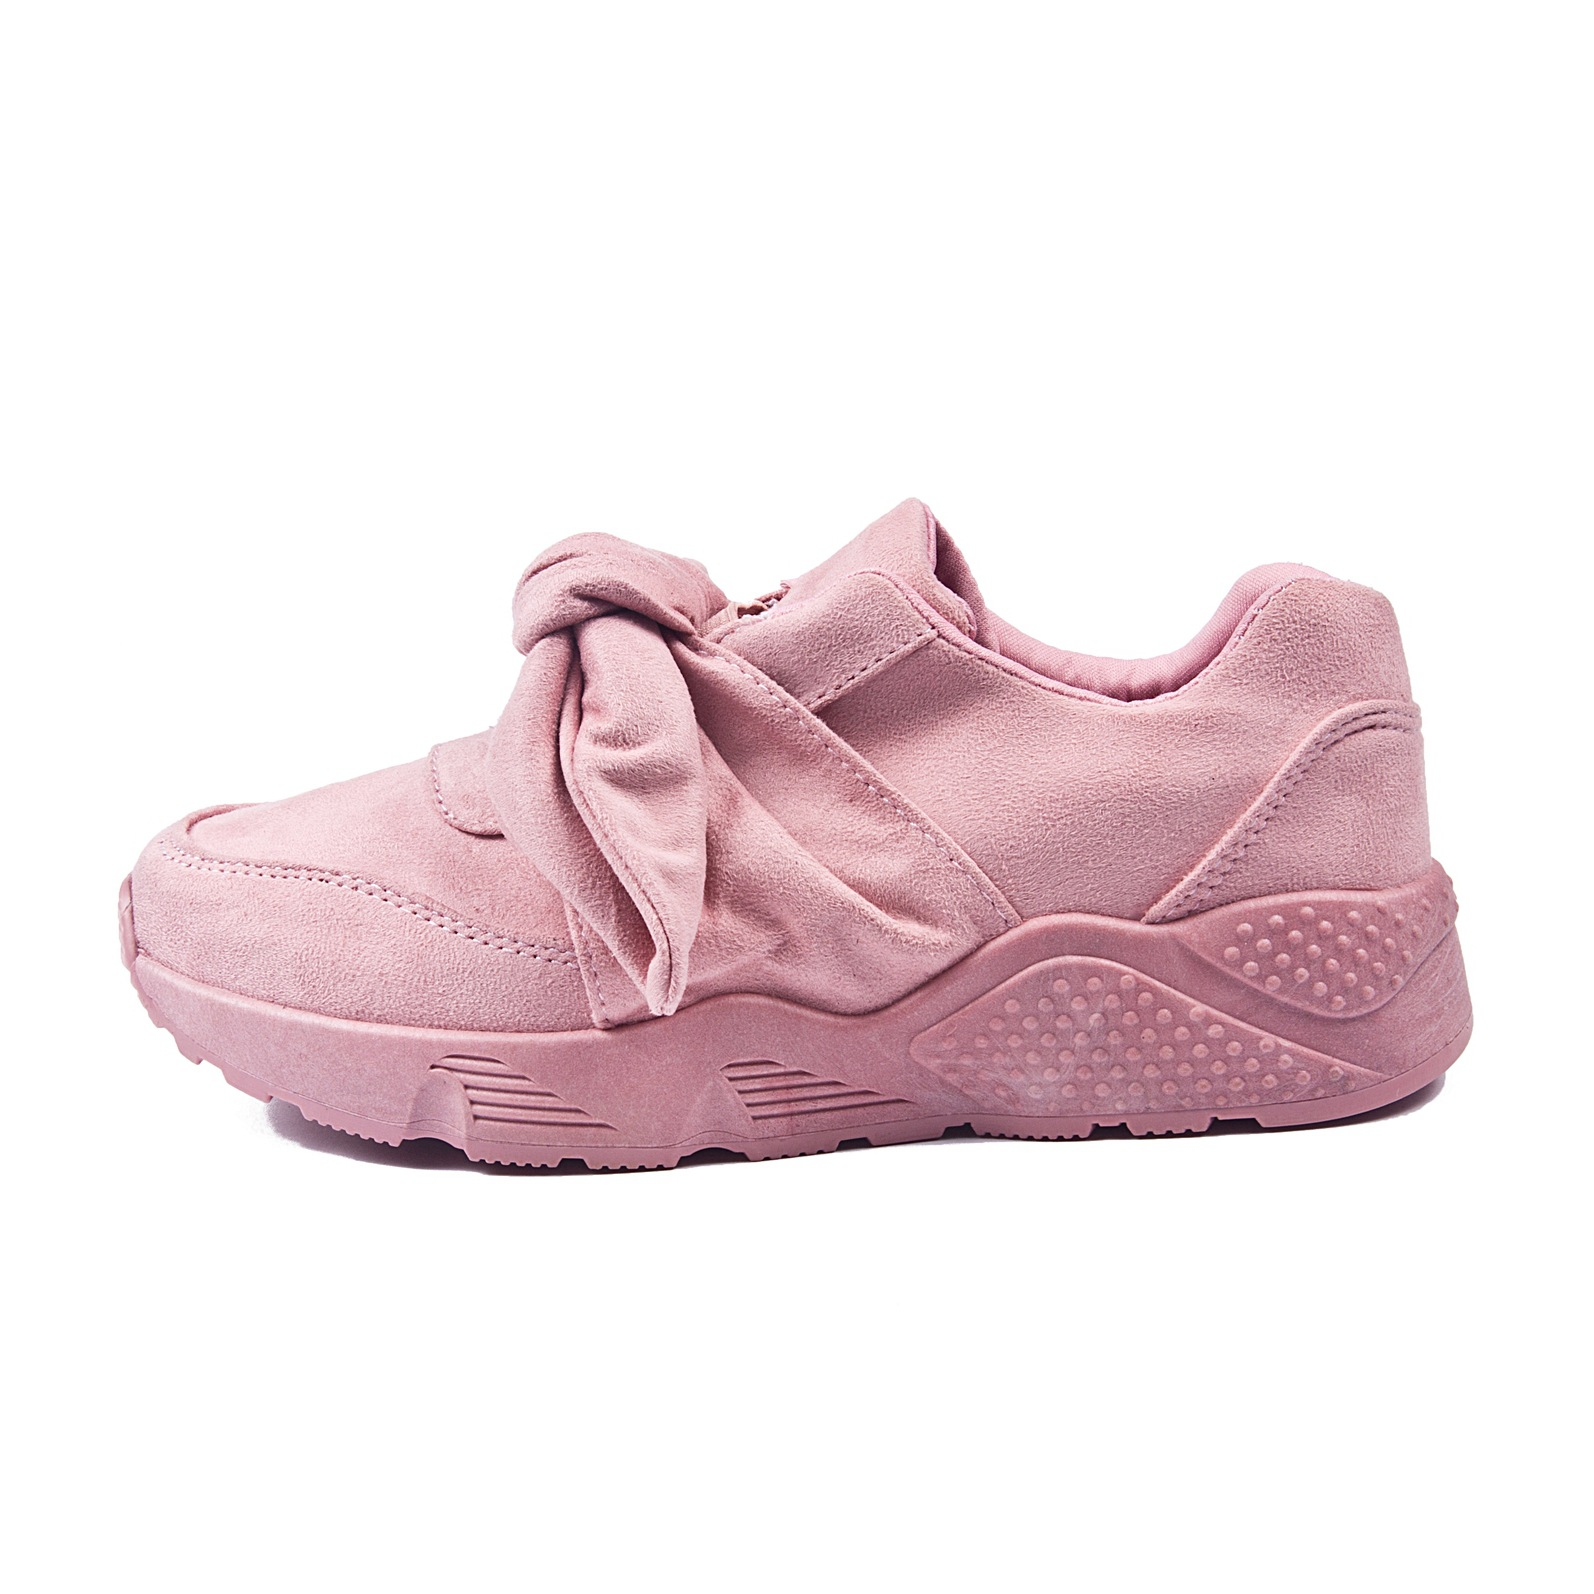 Casuales Deportivos Zapatos De Primavera Negro Nuevos Americana rosado Damas gris Europea Las Moda 2019 Mujeres Y 0qdw70xv